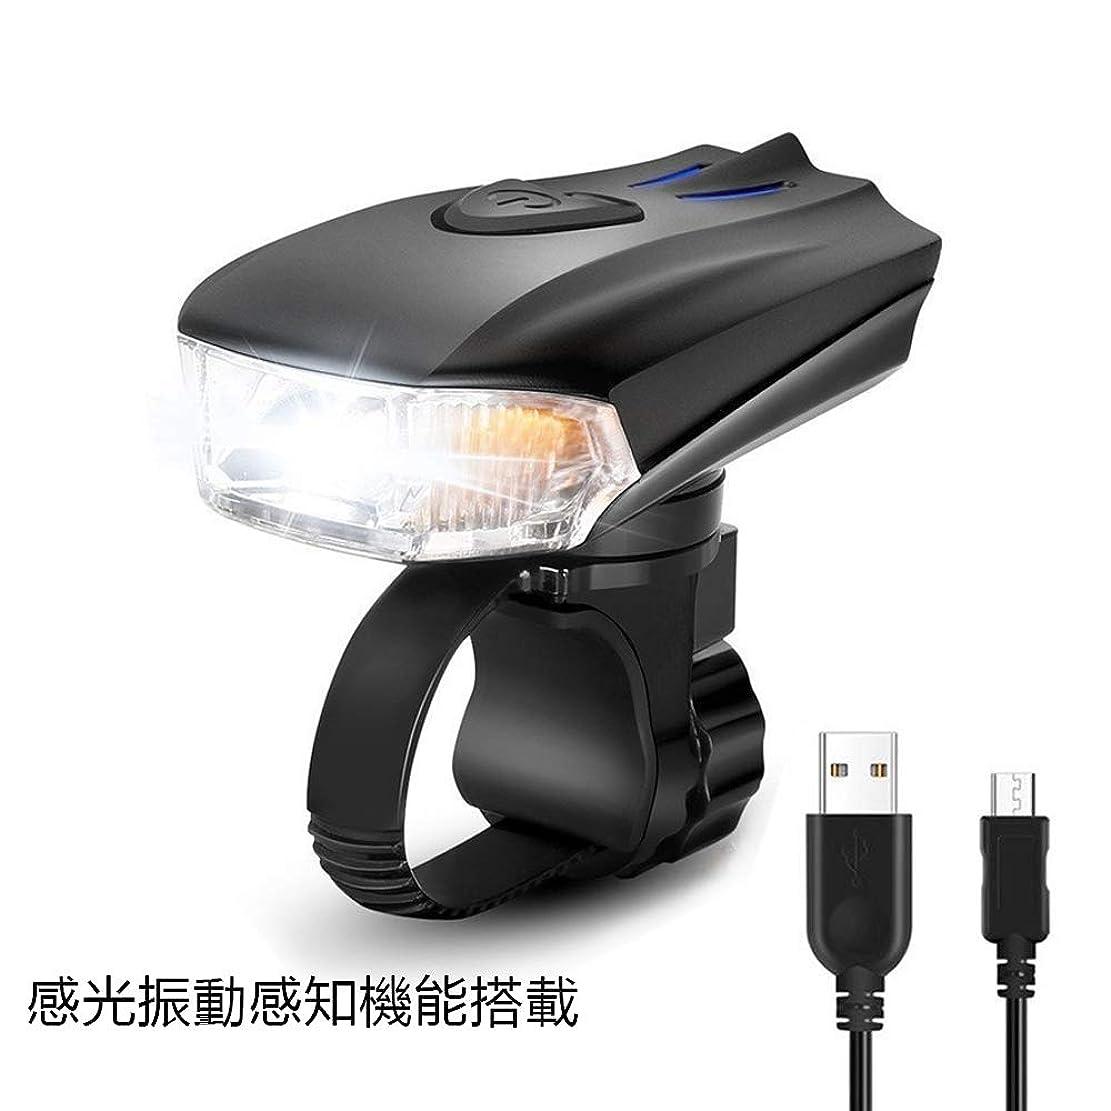 研究フクロウ配当ThorFire LED 自転車 テールライト セーフティーライト リアライト 3色 7点灯モード 高輝度 120ルーメン 200Mまで視認性 180°照射USB充電式 500mAh IPX4防水 ゴムバンド式 取付/取外簡単 耐衝撃